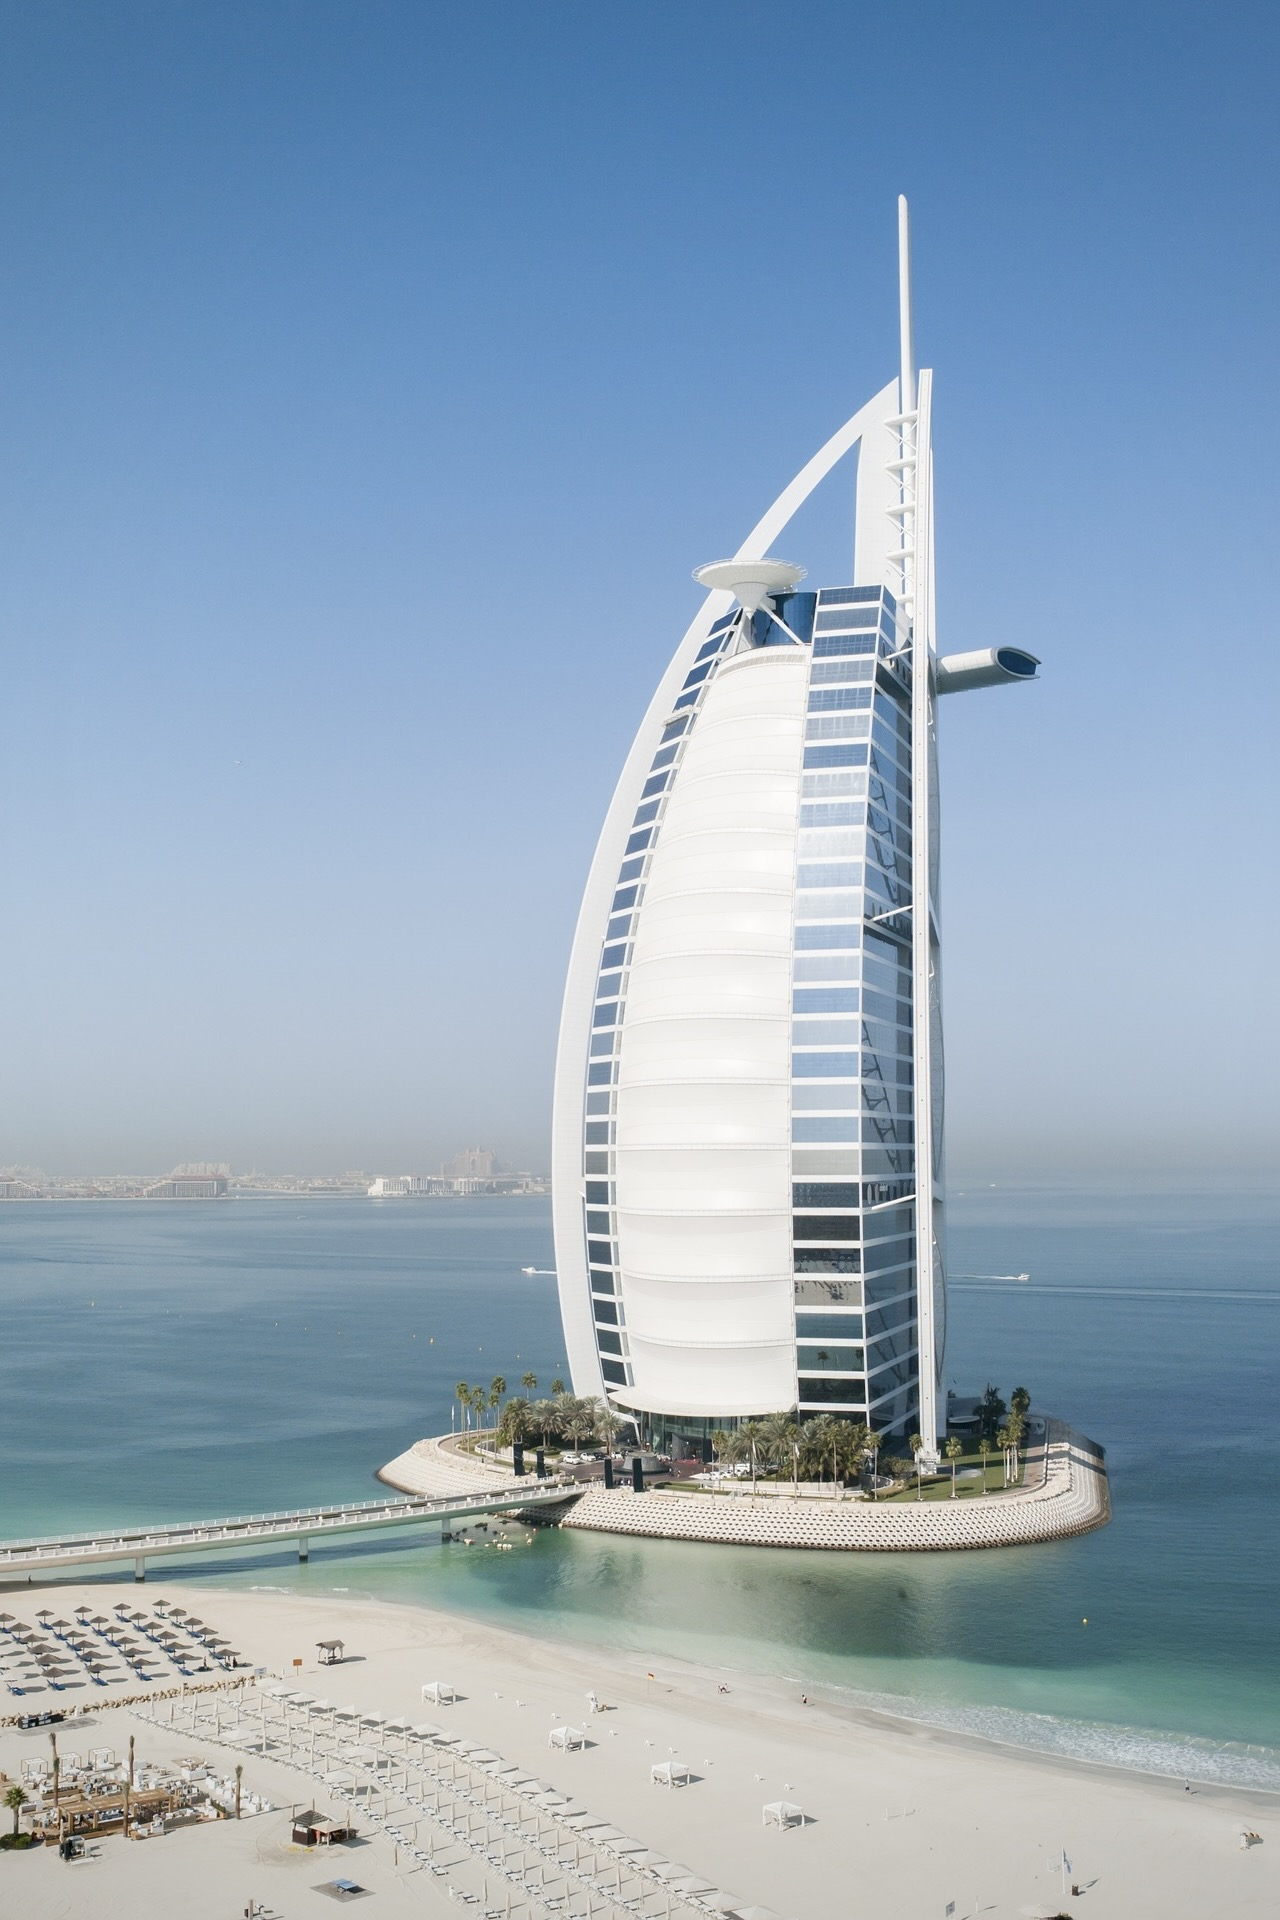 Der Burj al Arab ist das bekannteste Gebäude im Nahen Osten